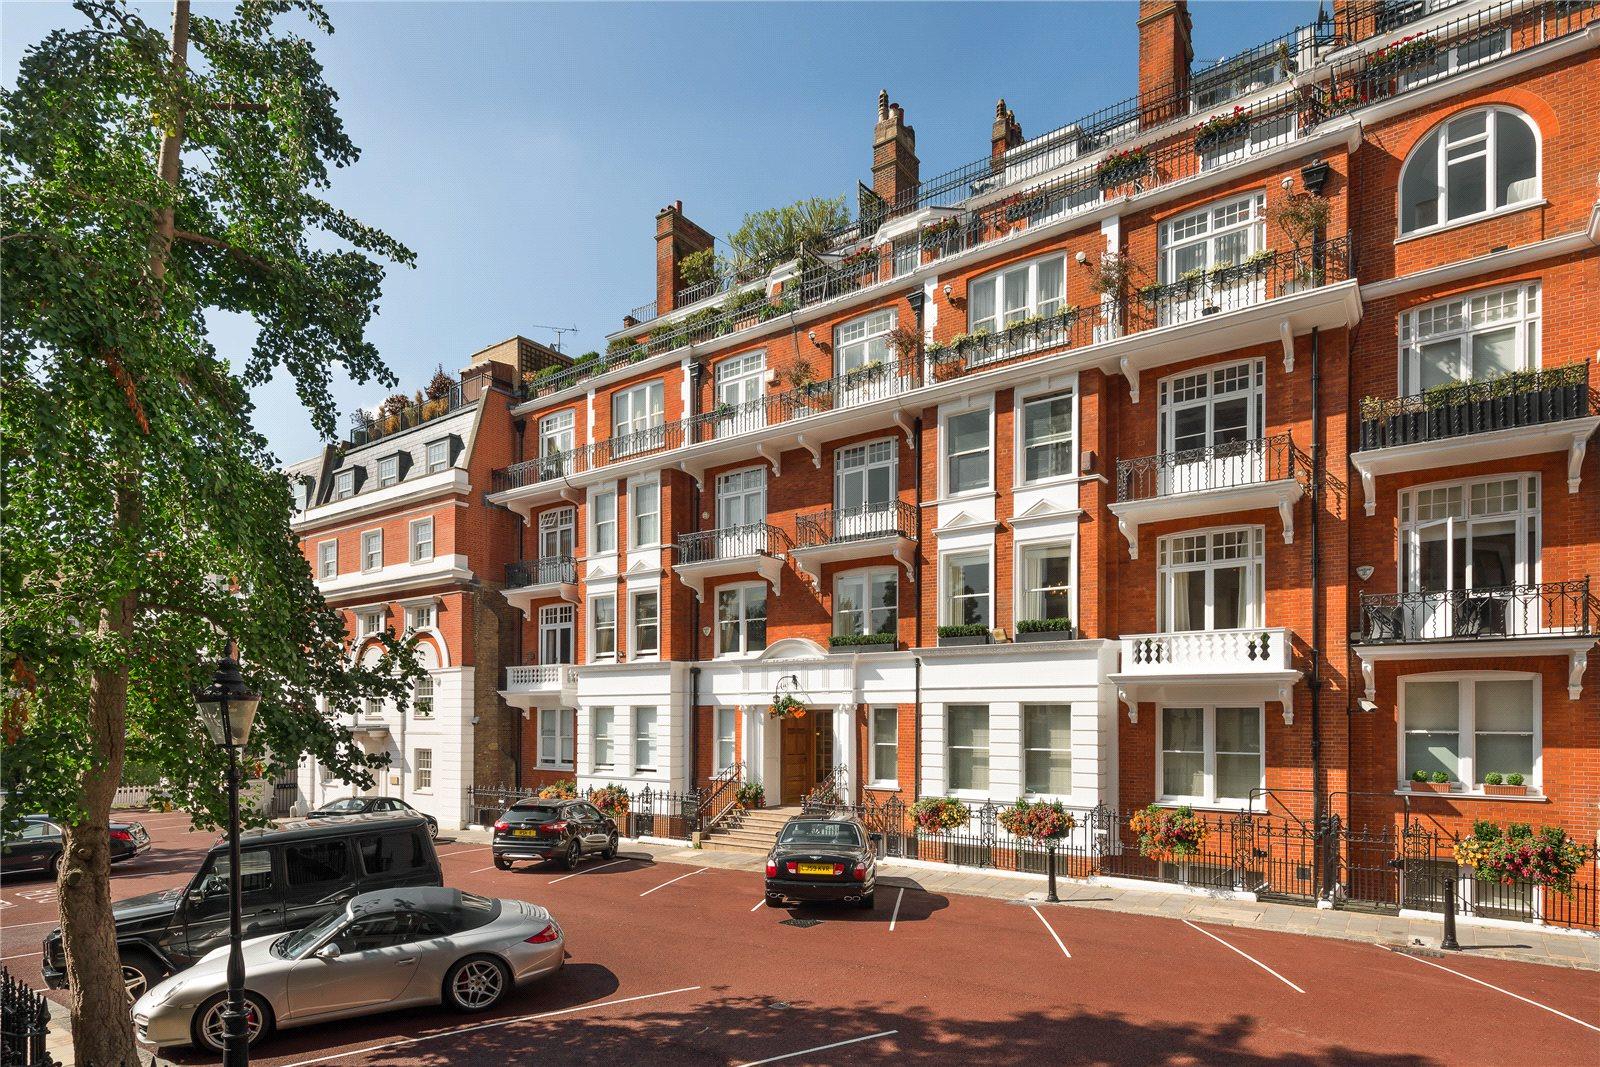 Appartements / Flats pour l Vente à Rutland Court, London, SW7 London, Angleterre